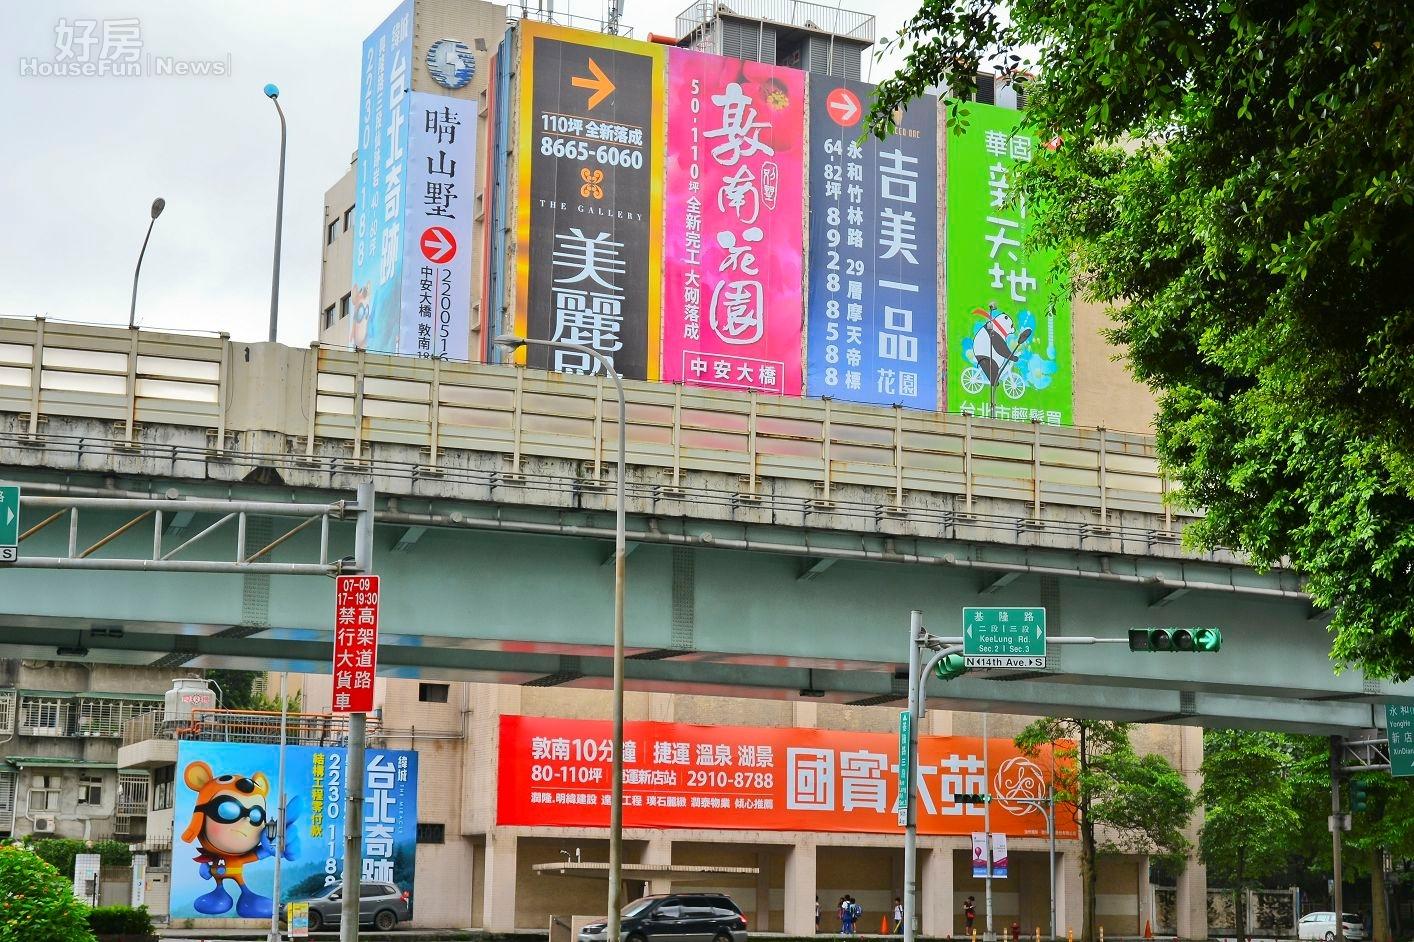 基隆路與敦化南路口建案廣告帆布林立。(好房News記者 陳韋帆/攝影)